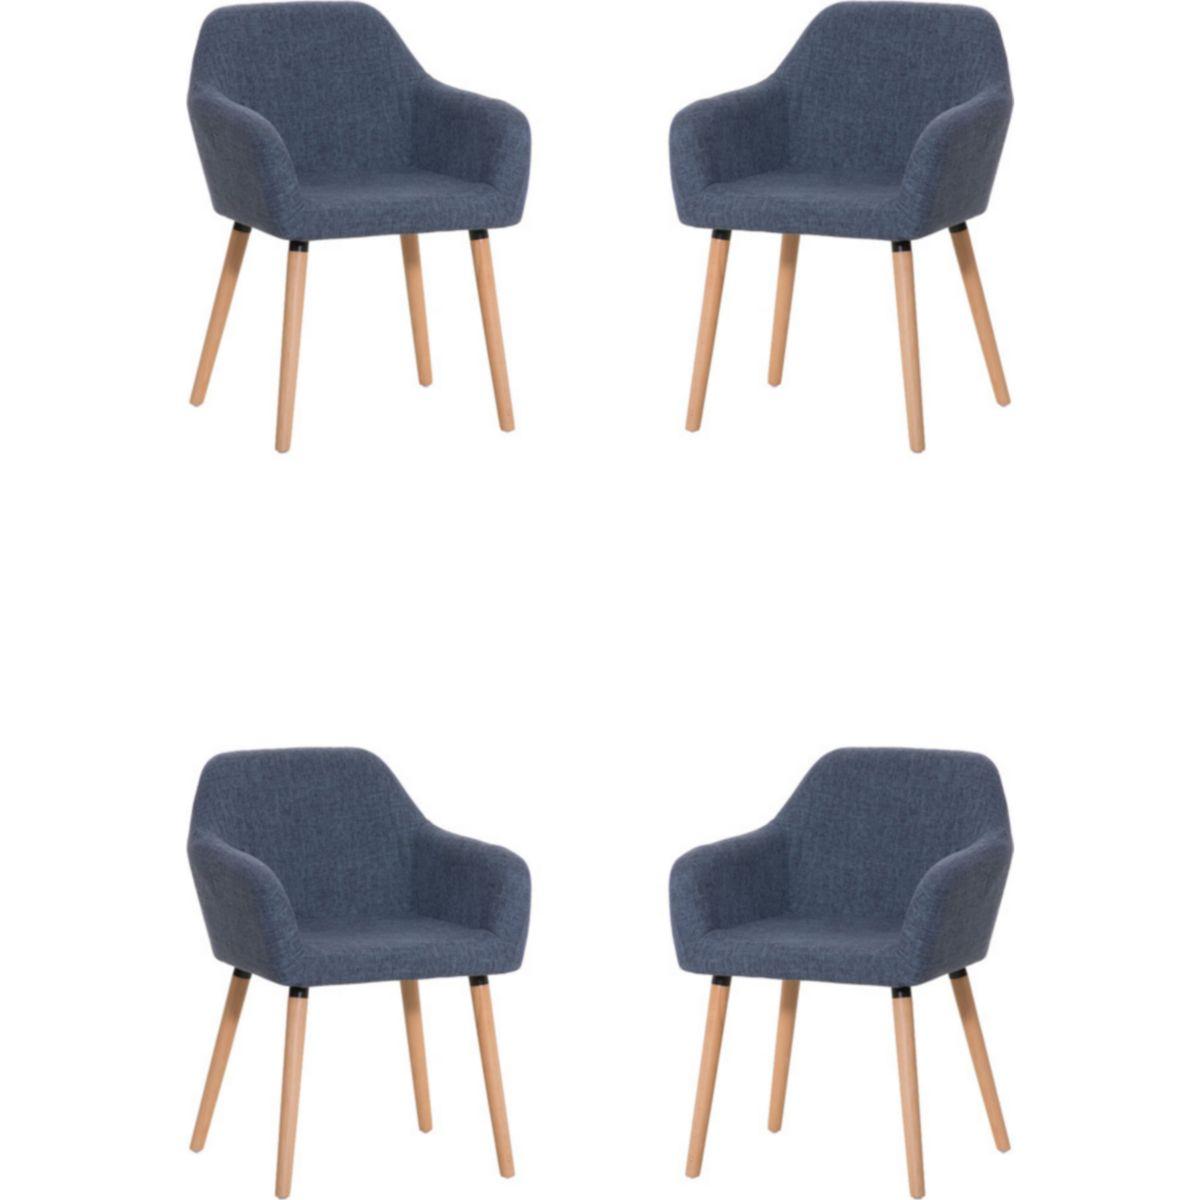 CLP 4 x Besucher-Stuhl ACHAT, Holzgestell, Stoffbezug, gut gepolsterter Sitzfläche, bis zu Farben wählbar jetztbilligerkaufen